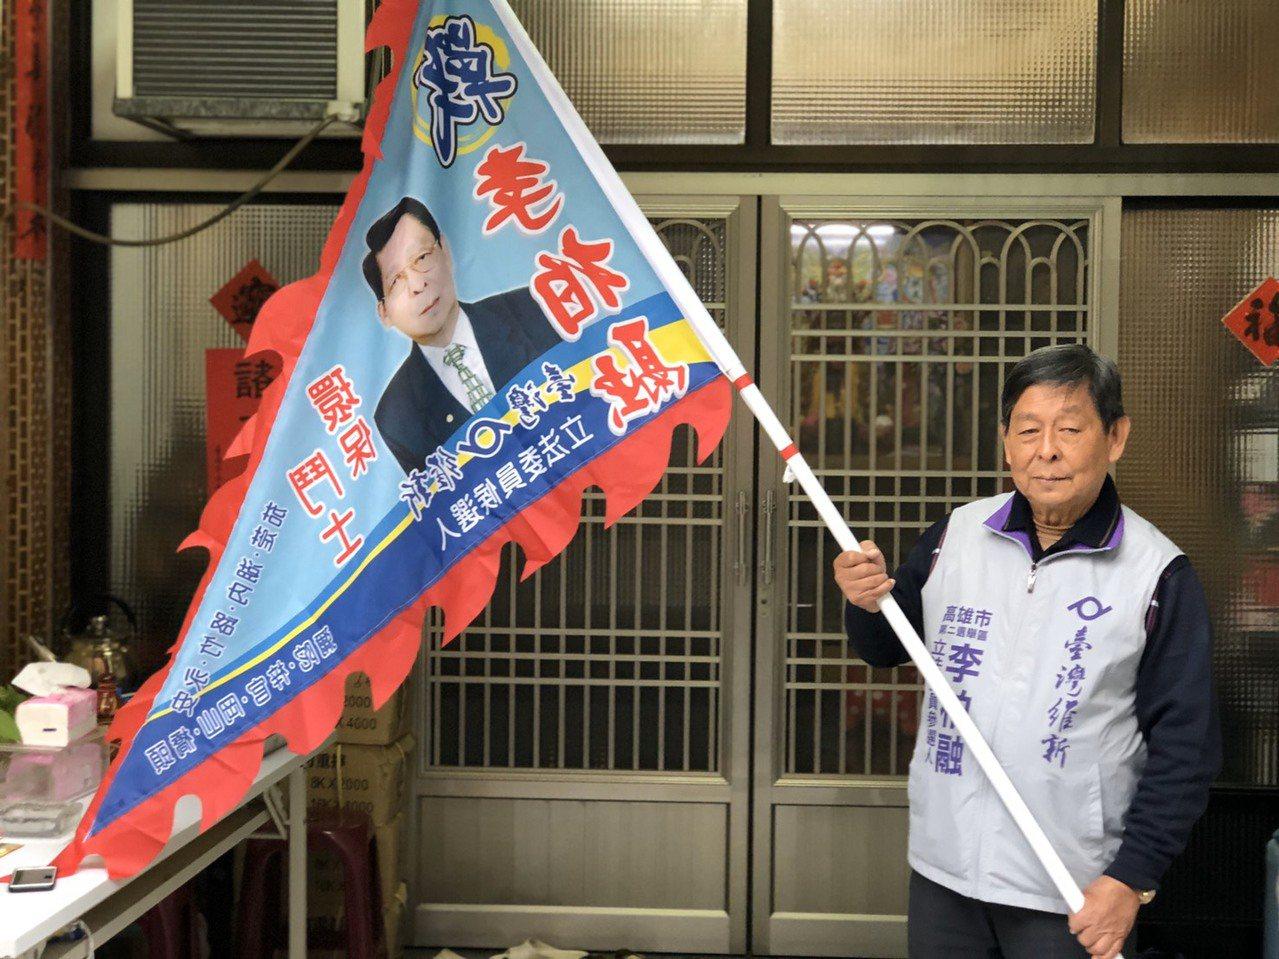 高市第二选区立委参选人李柏融代表台湾维新党参选,因小党资源不足,未张挂看版与旗帜...